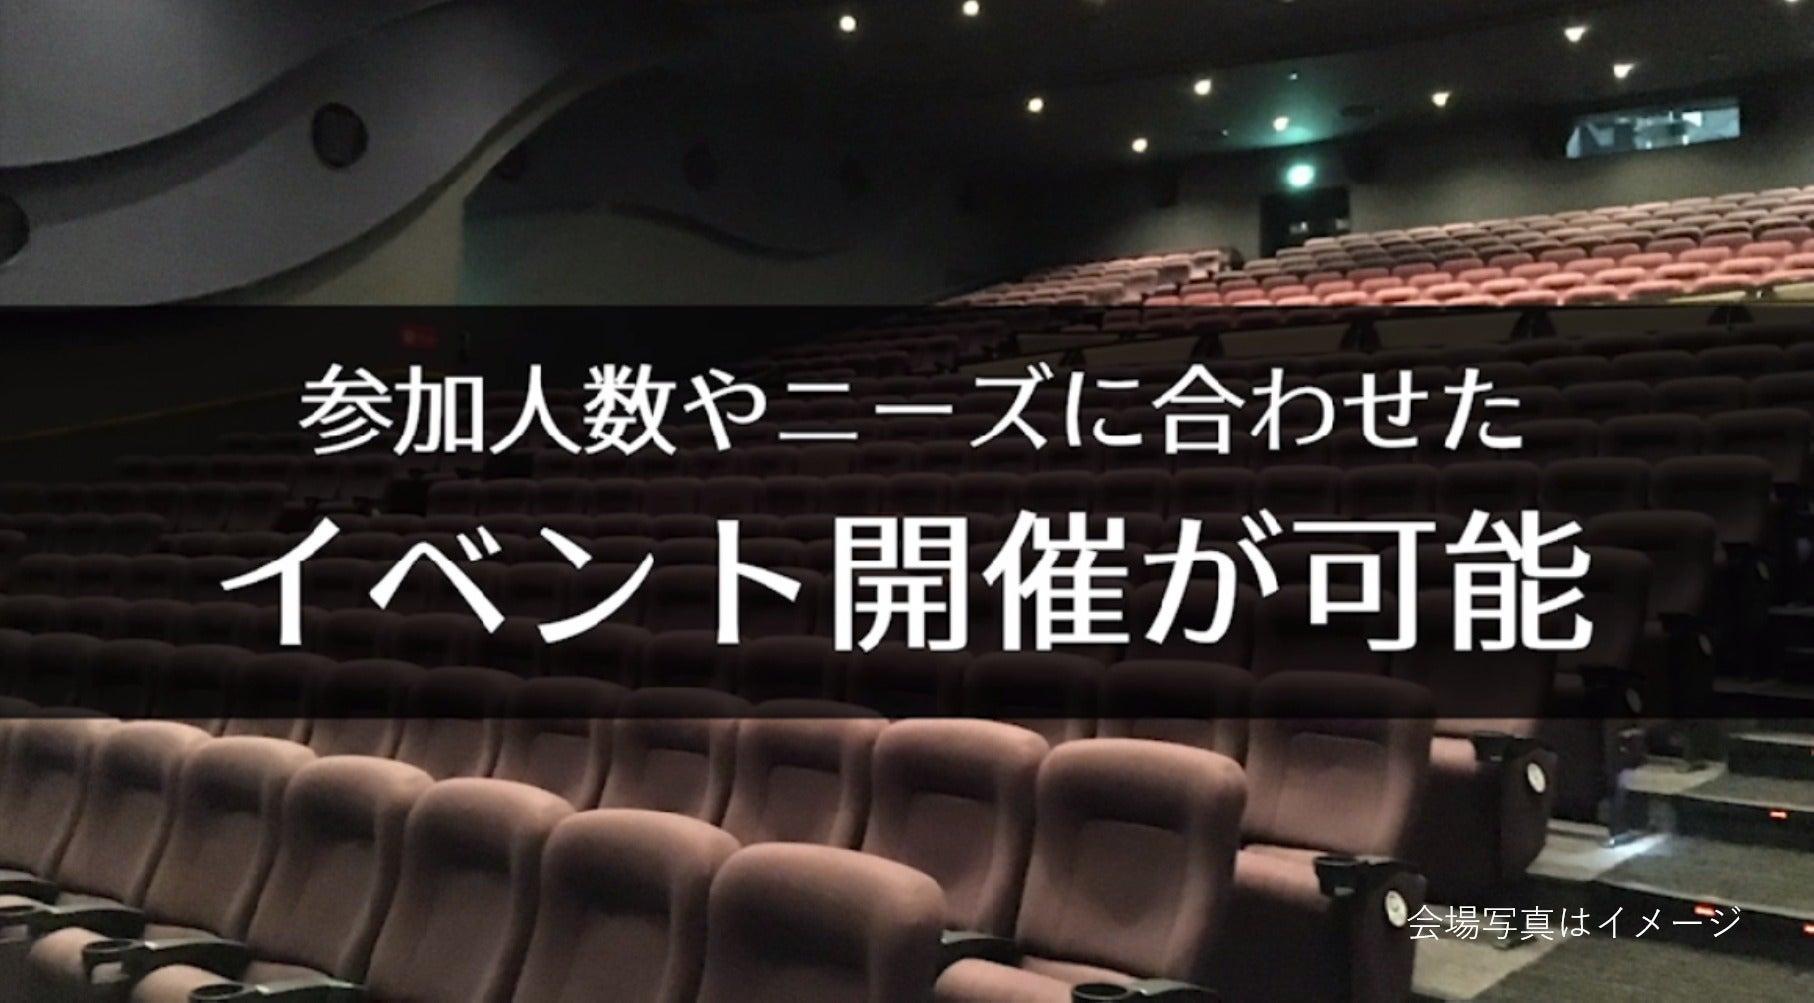 【阿久比 288席】映画館で、会社説明会、株主総会、講演会の企画はいかがですか?(ユナイテッド・シネマ阿久比) の写真0